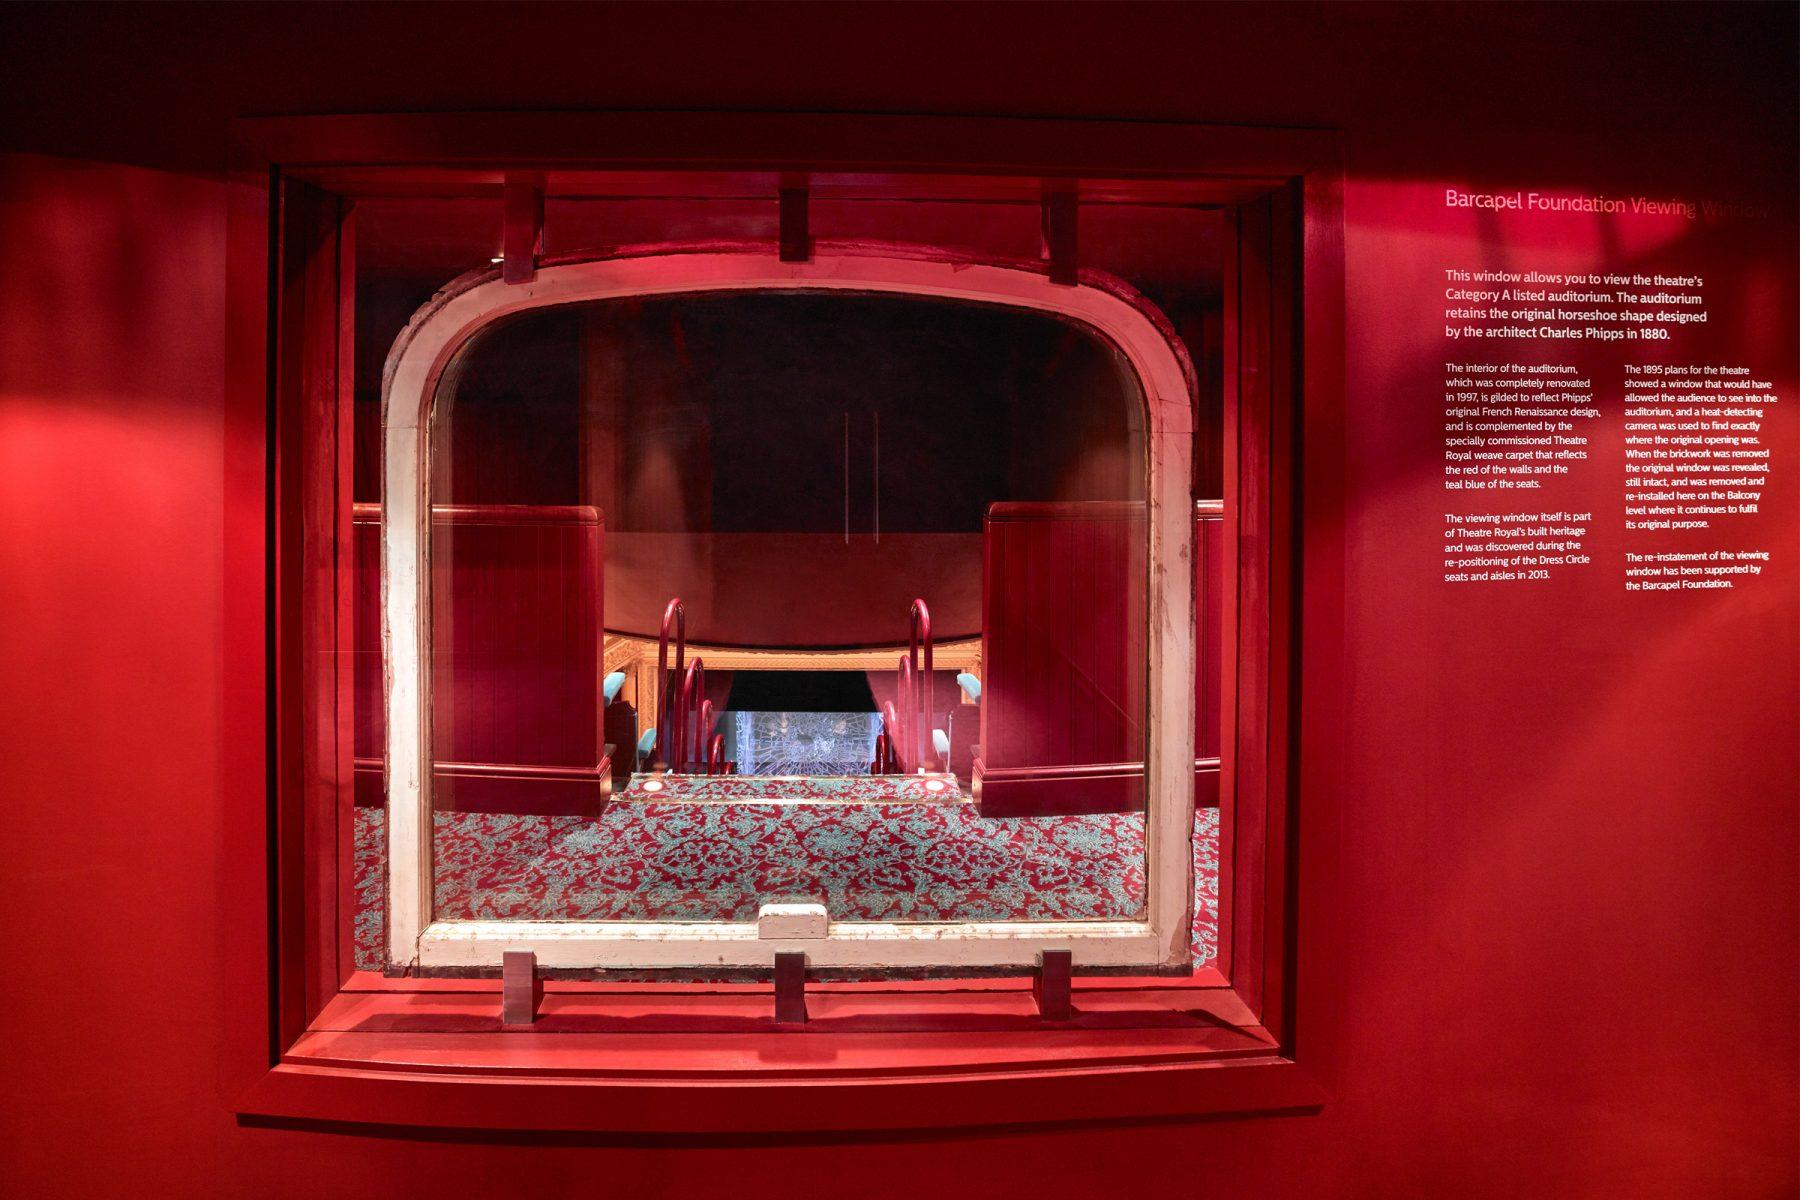 Theatre Window